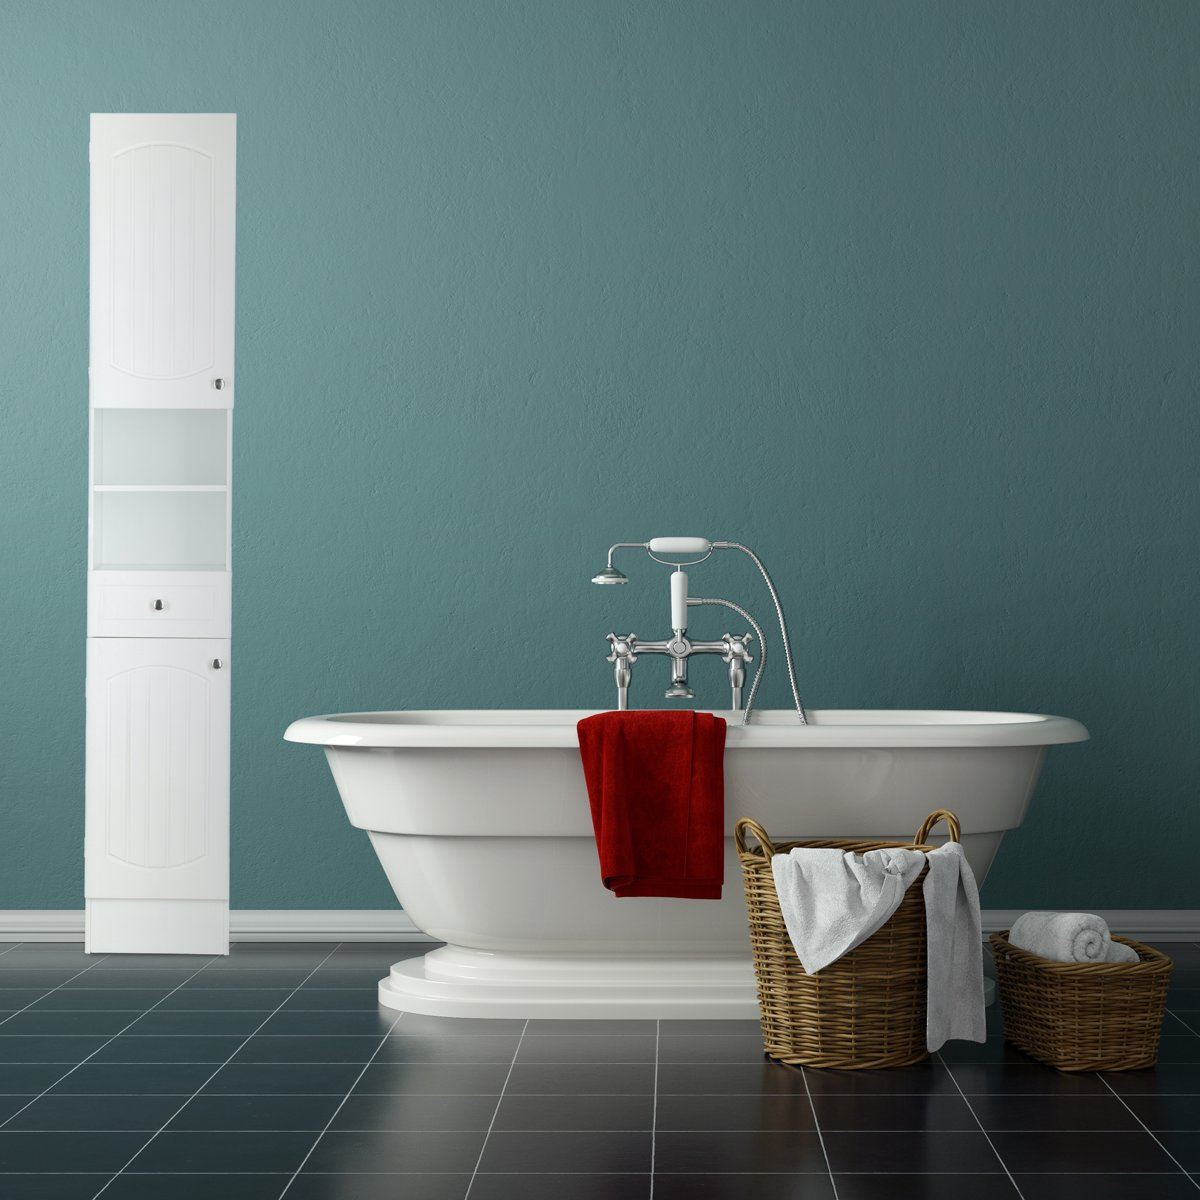 bol.com   relaxdays badkamerkast hoog wit - kast hout - opbergkast ...